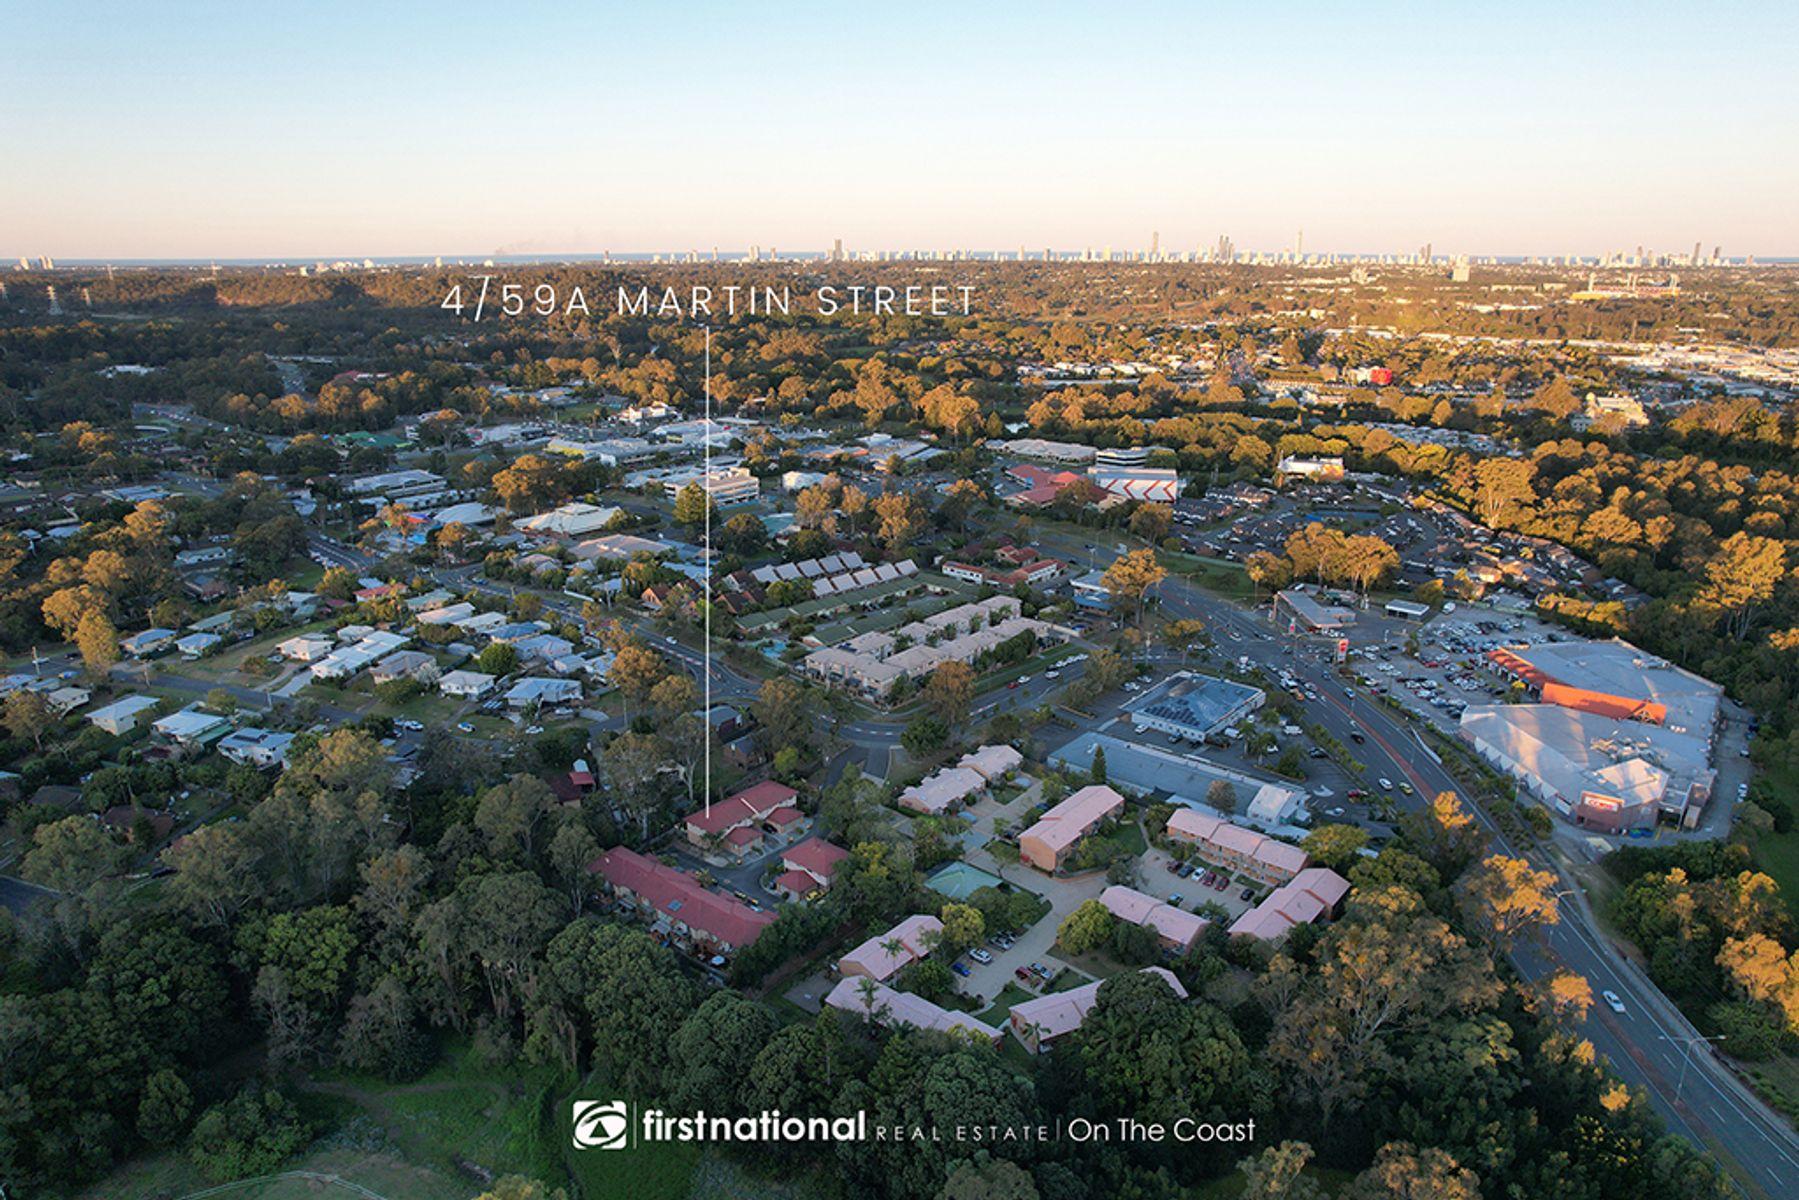 4/59A Martin Street, Nerang, QLD 4211